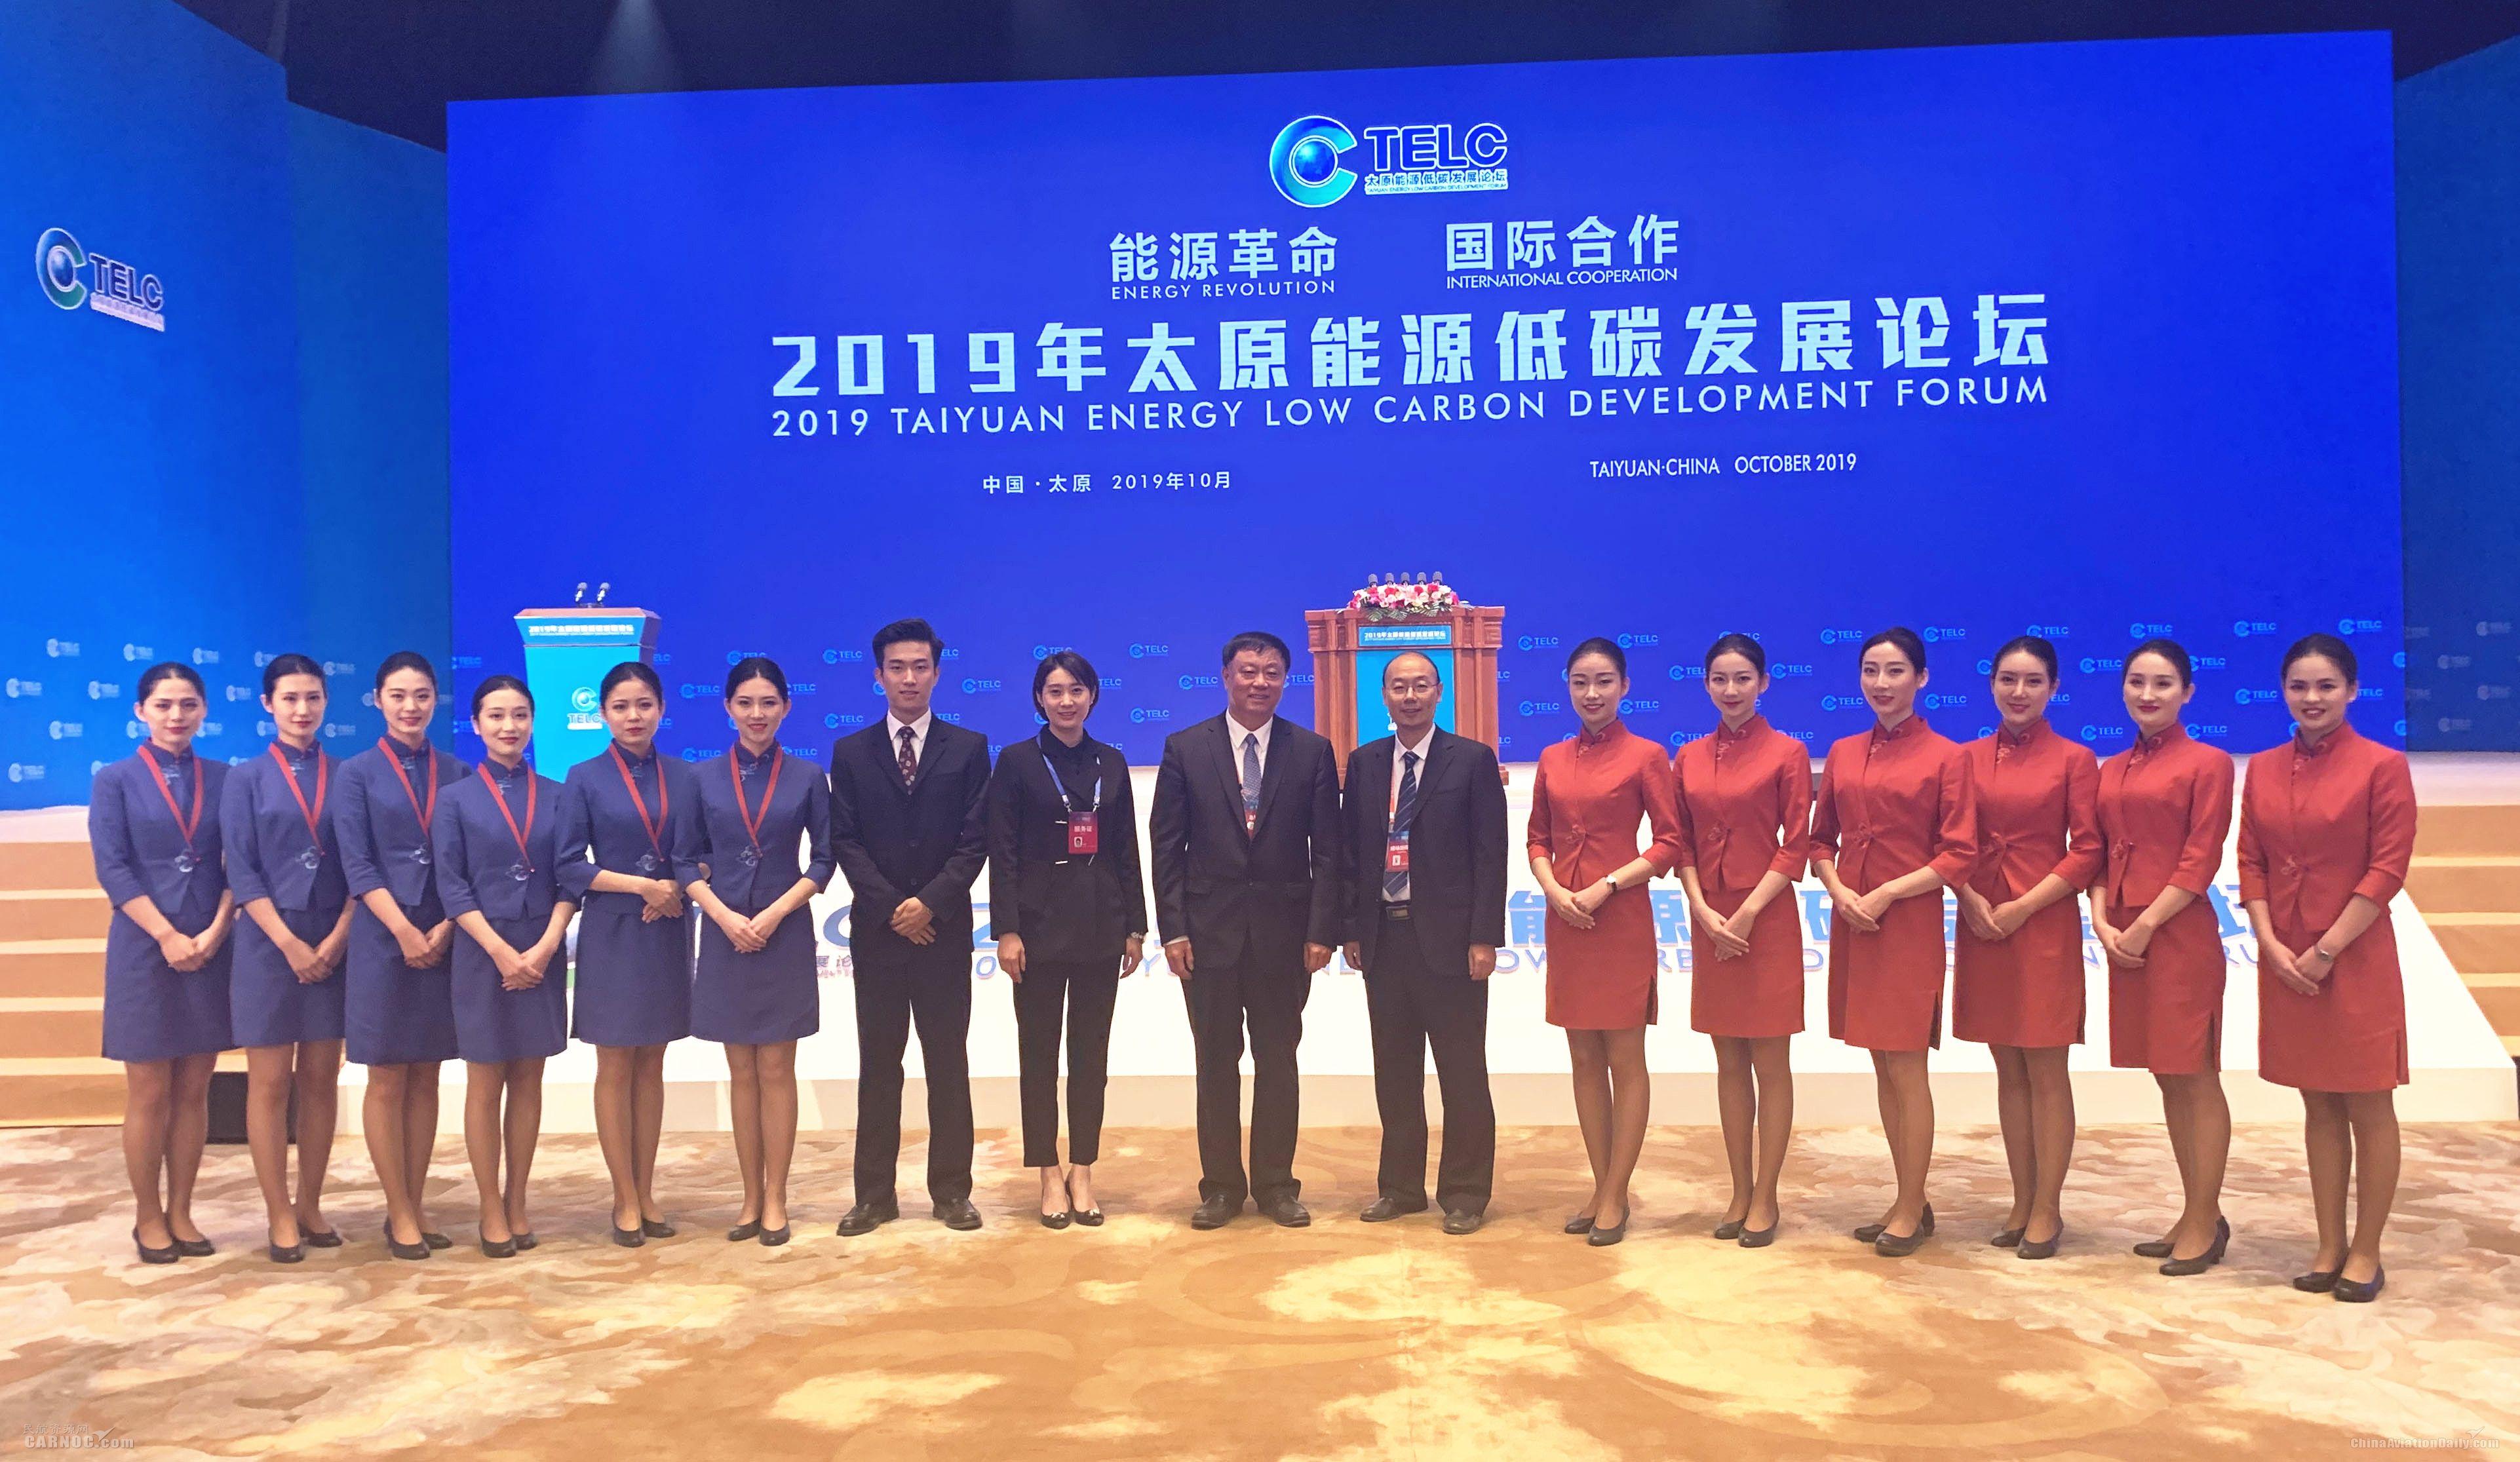 东航助力2019年太原能源低碳发展论坛